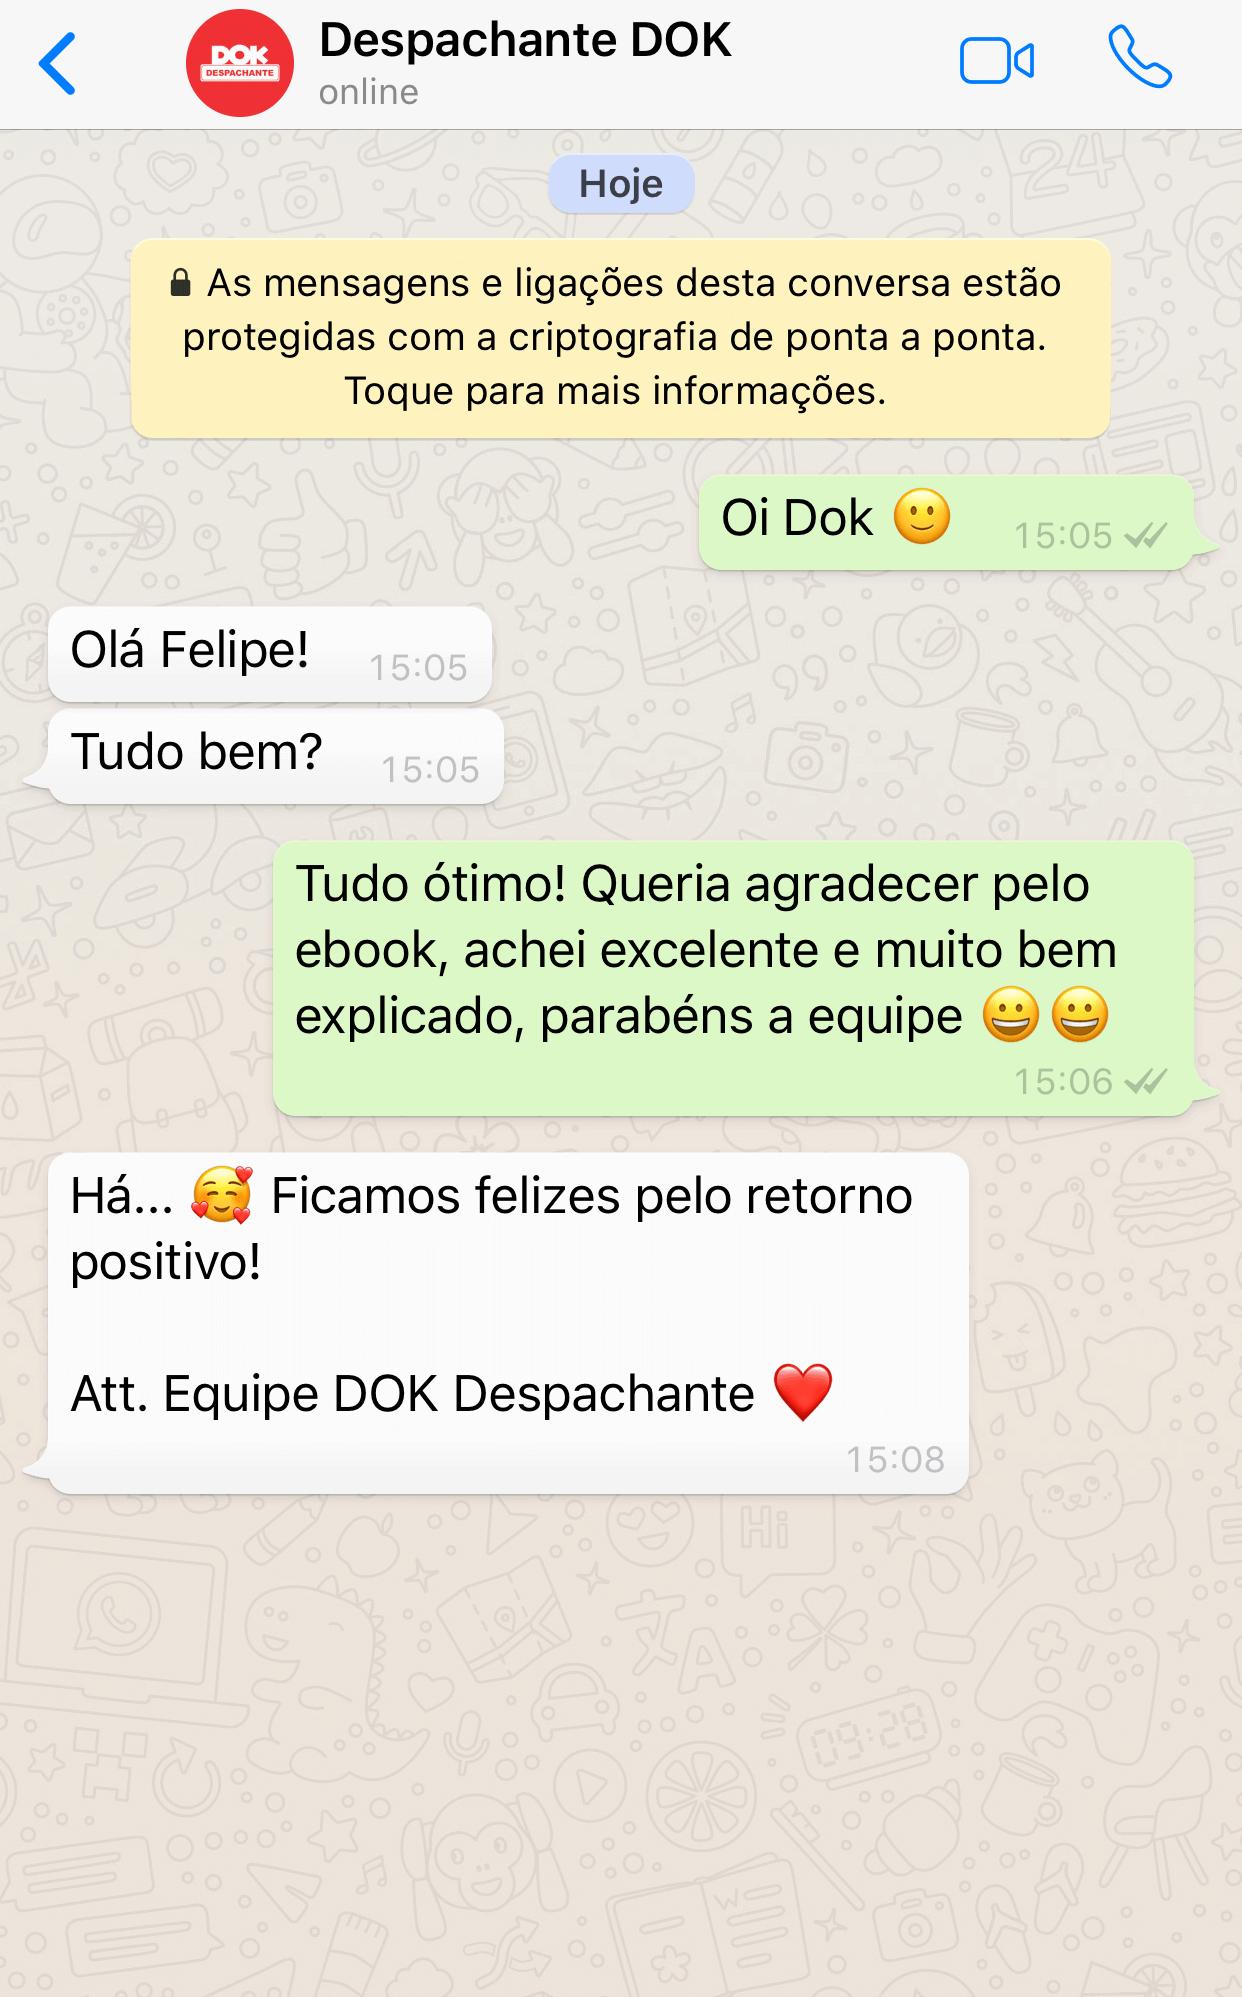 Tiago Lima no WhatsApp: Muito rápido, prático e fácil. Ótimo serviço! Gostei.